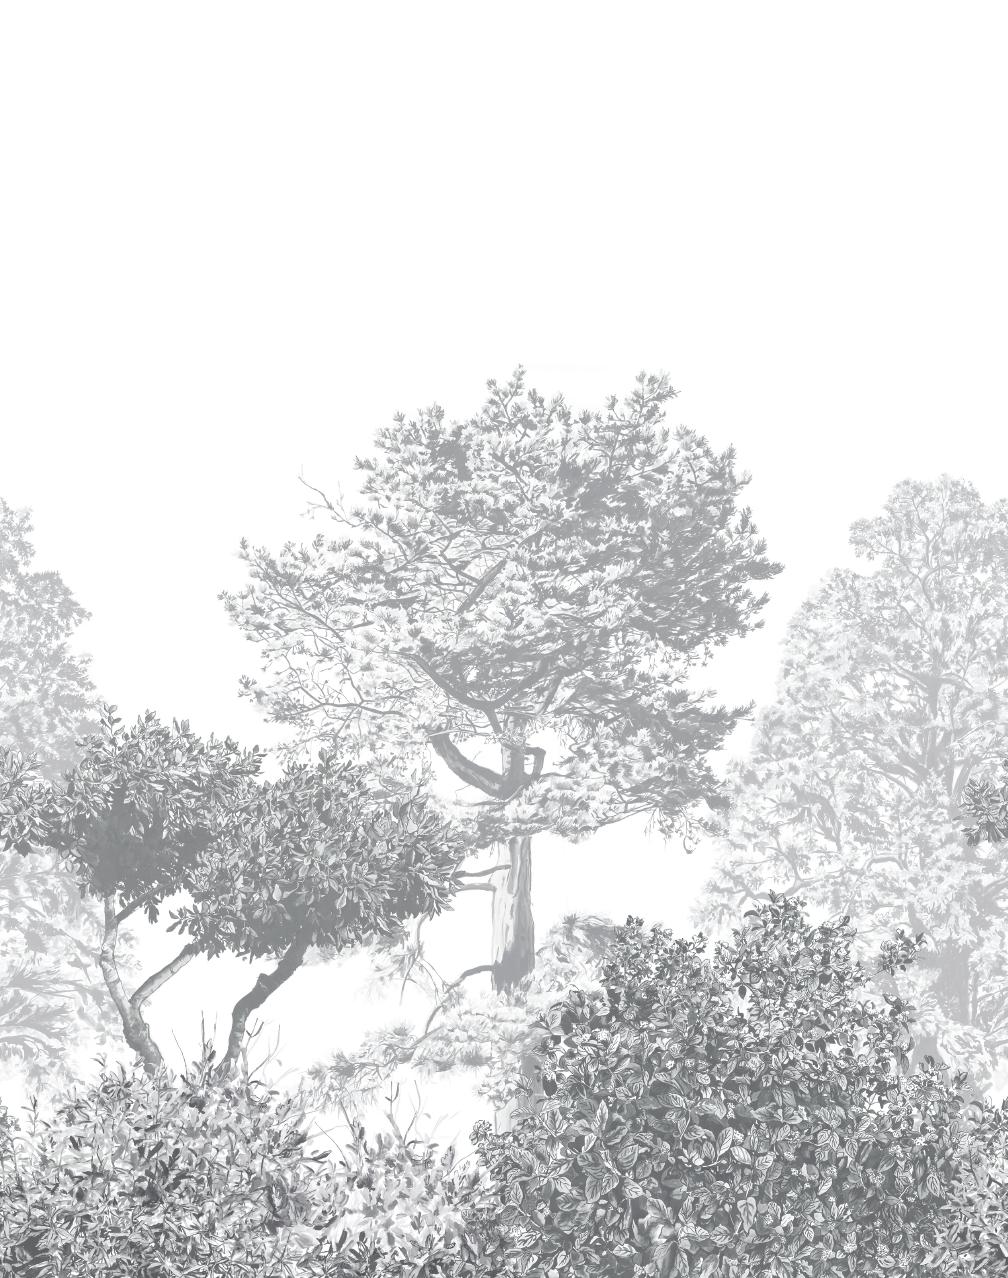 Hua Trees mural by Sian Zeng